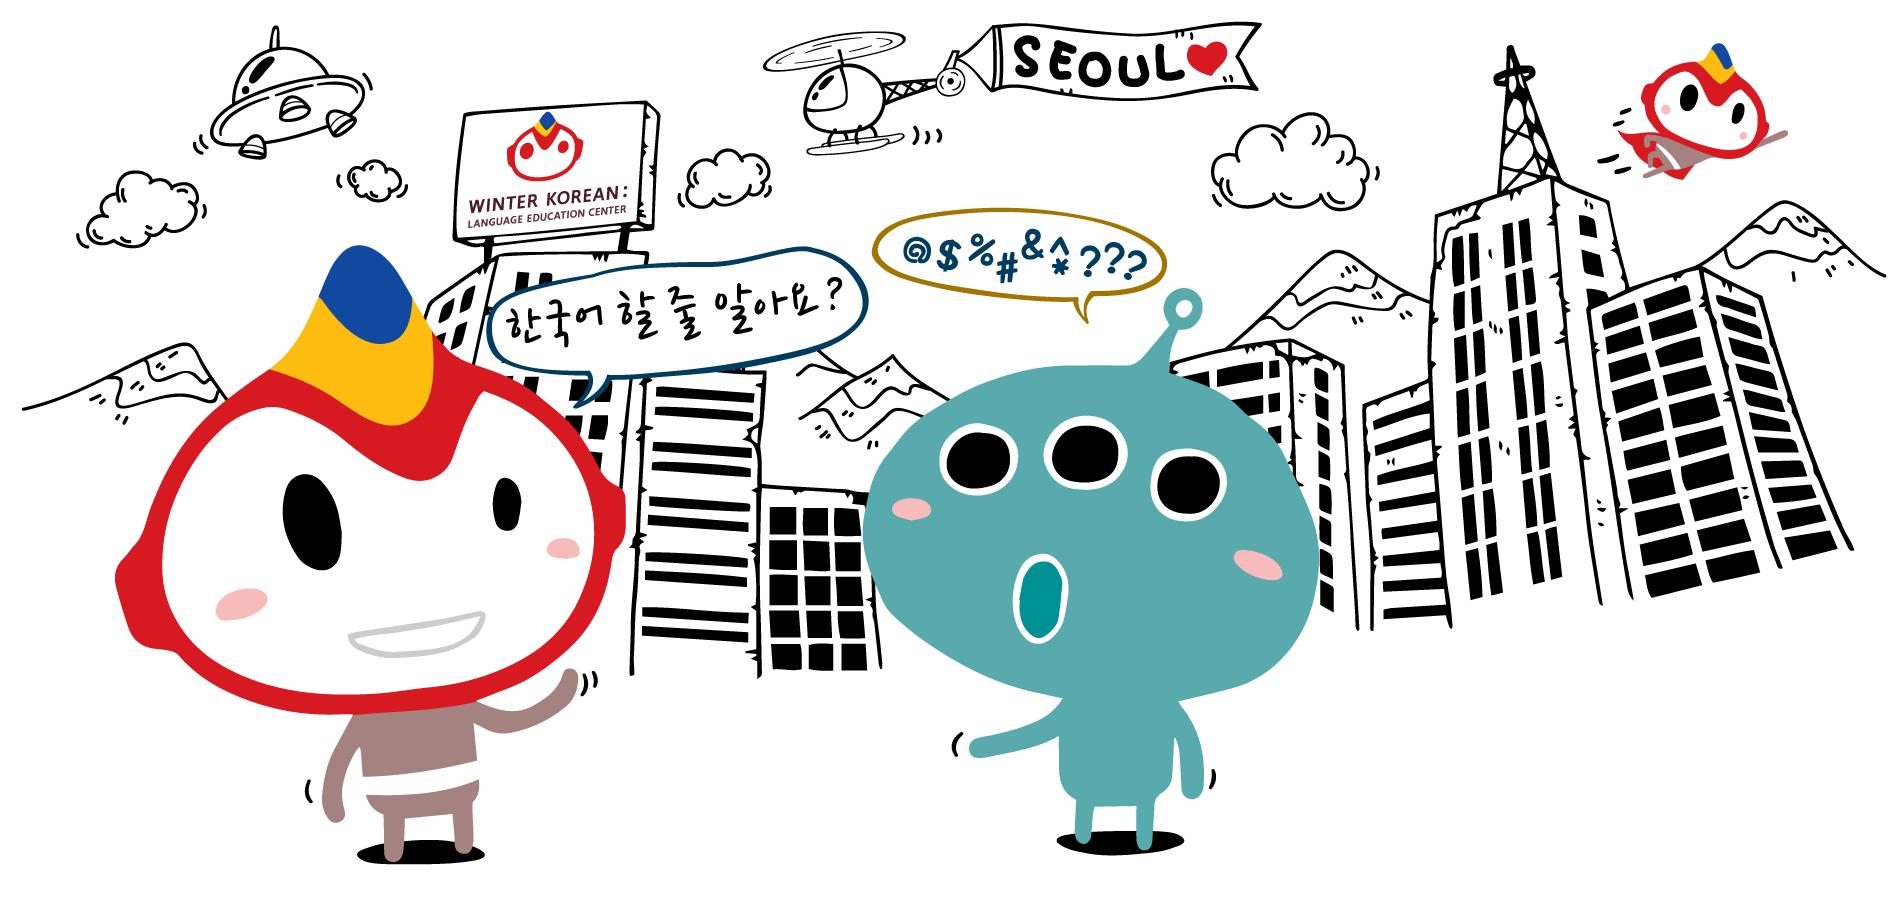 Những điểm cần lưu ý khi học giao tiếp tiếng Hàn Mục tiêu học giao tiếp tiếng Hàn